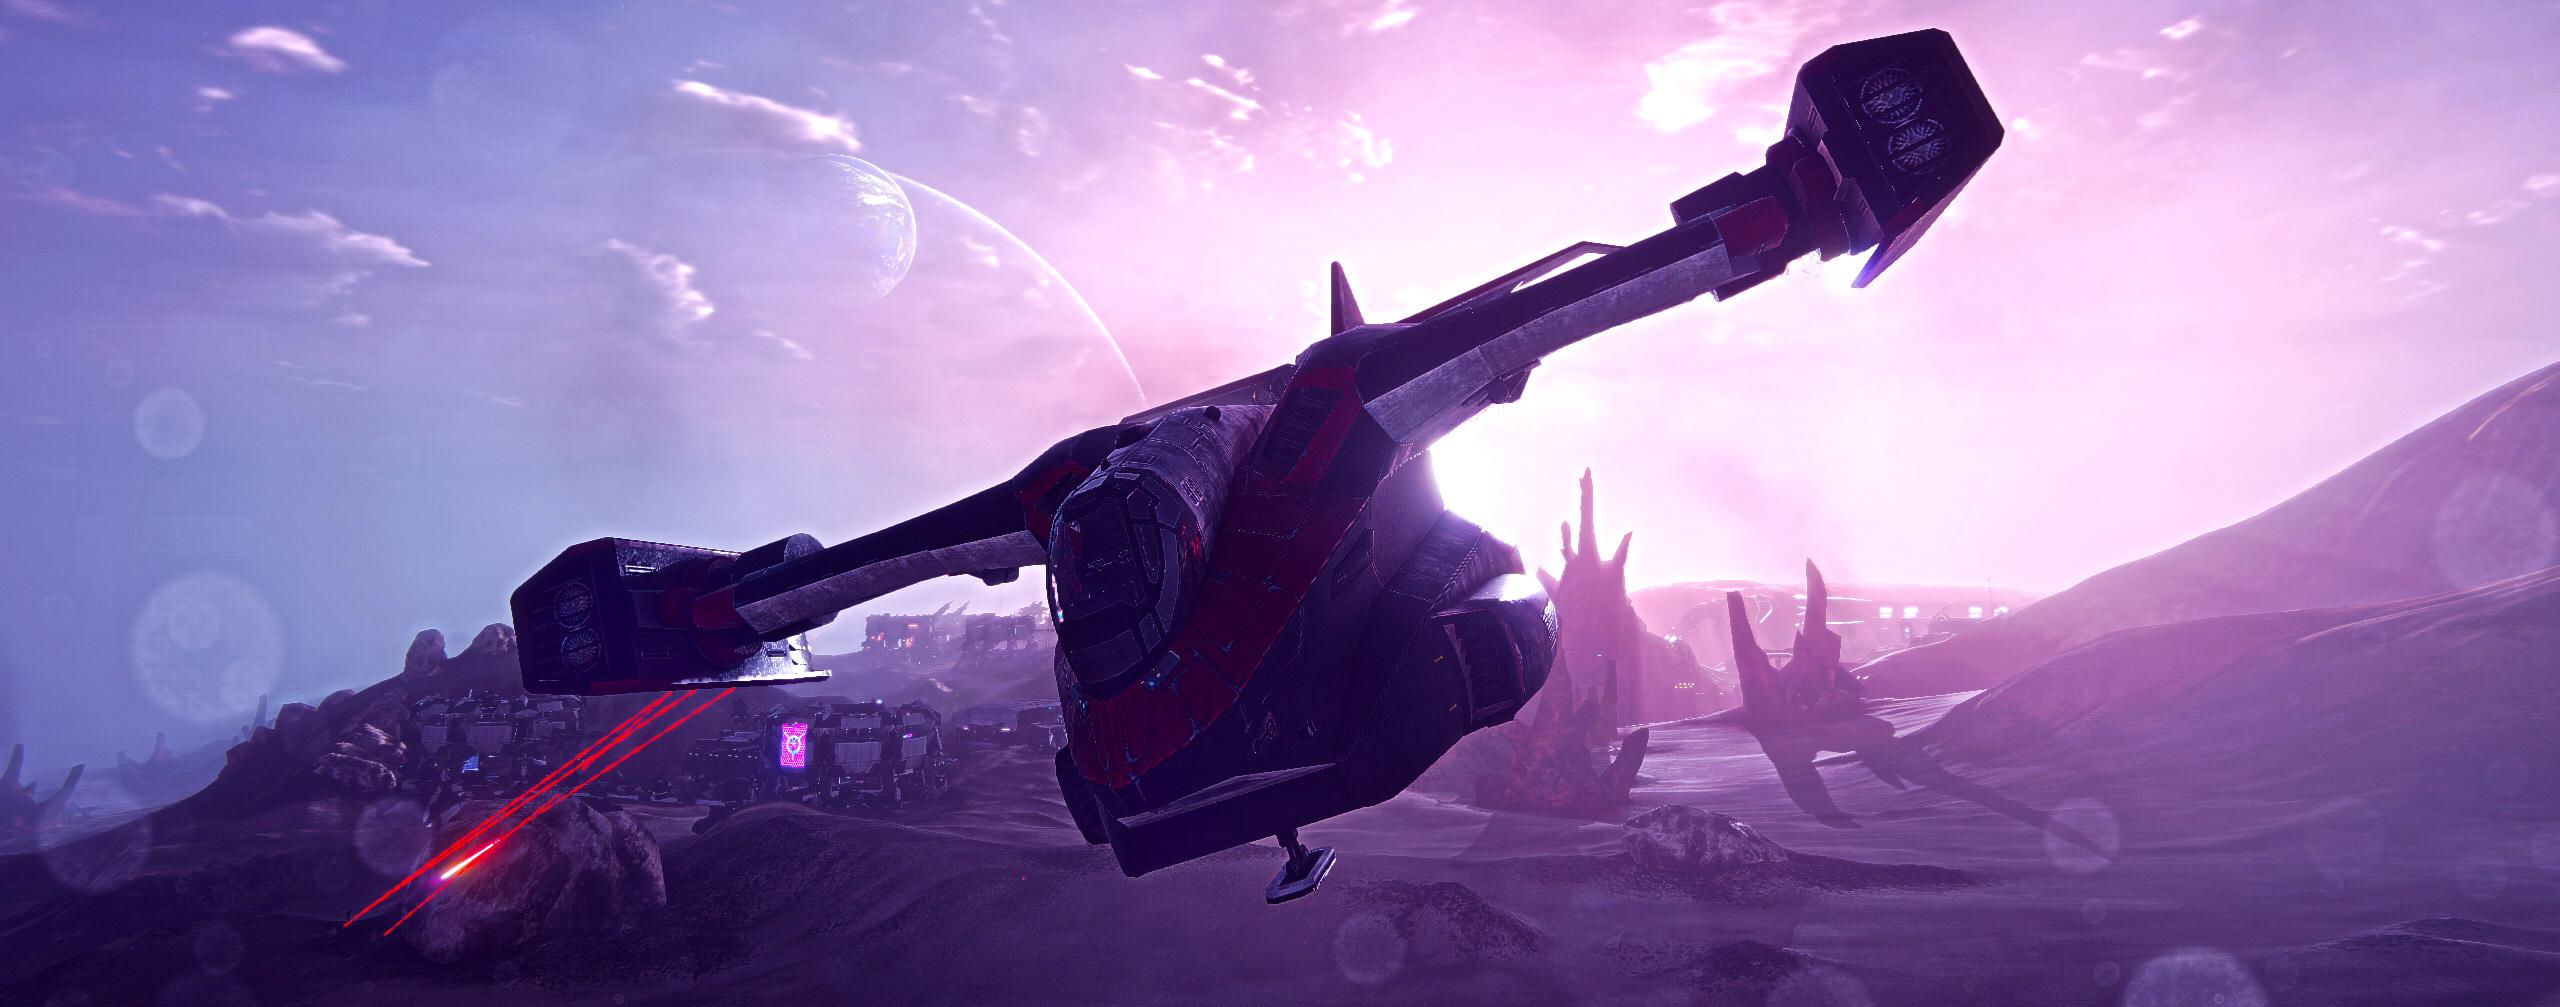 Скачайте и играйте в Planet Side 2 бесплатно